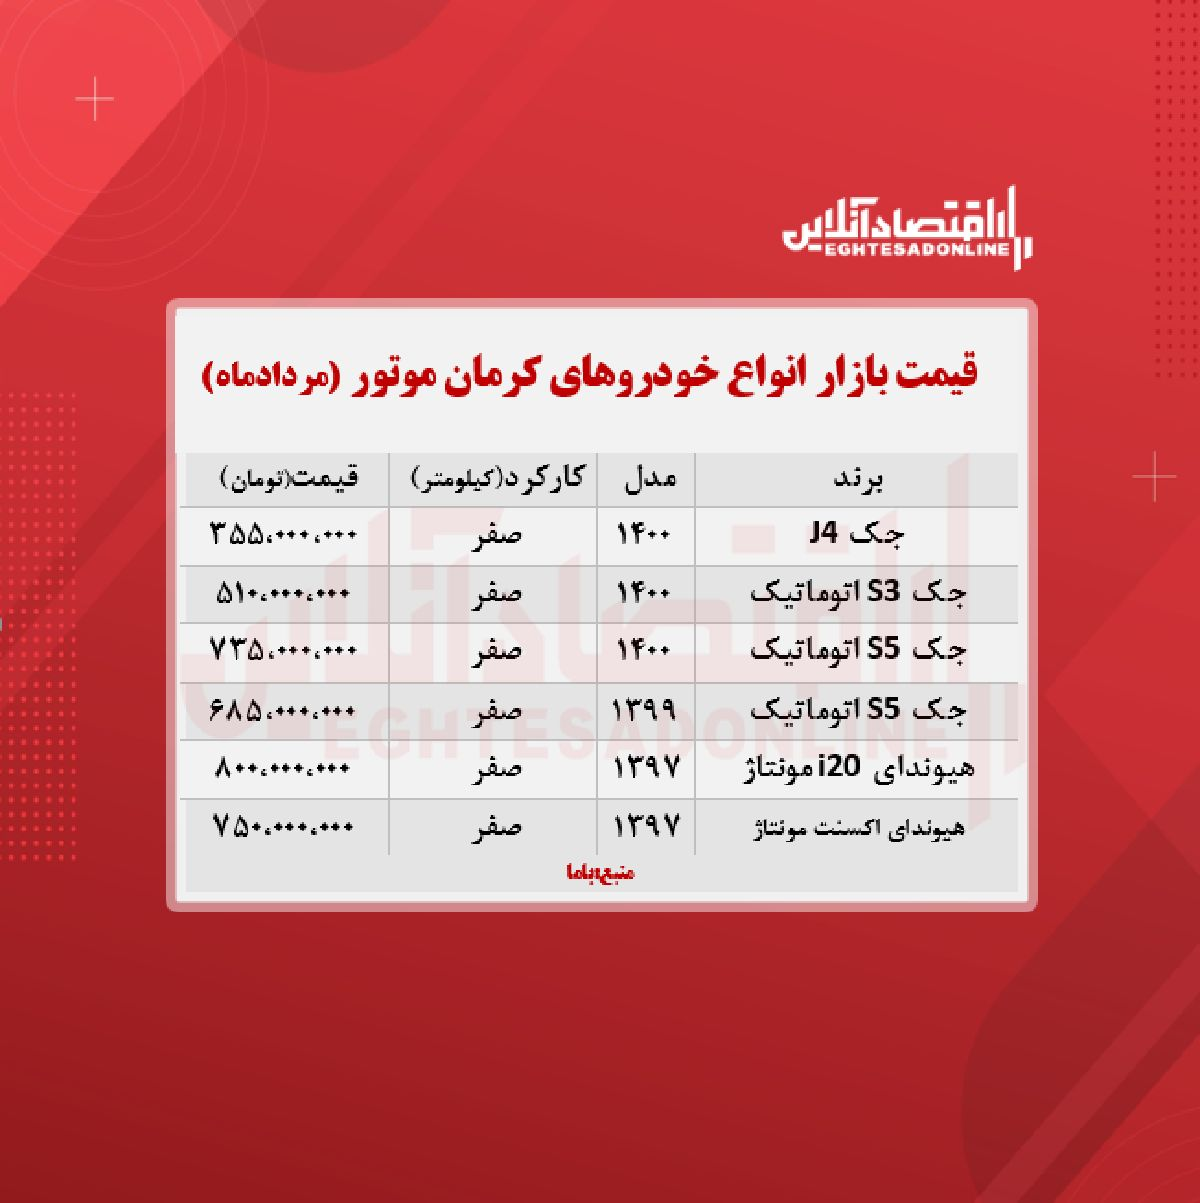 قیمت محصولات کرمان موتور امروز ۱۴۰۰/۵/۳۱